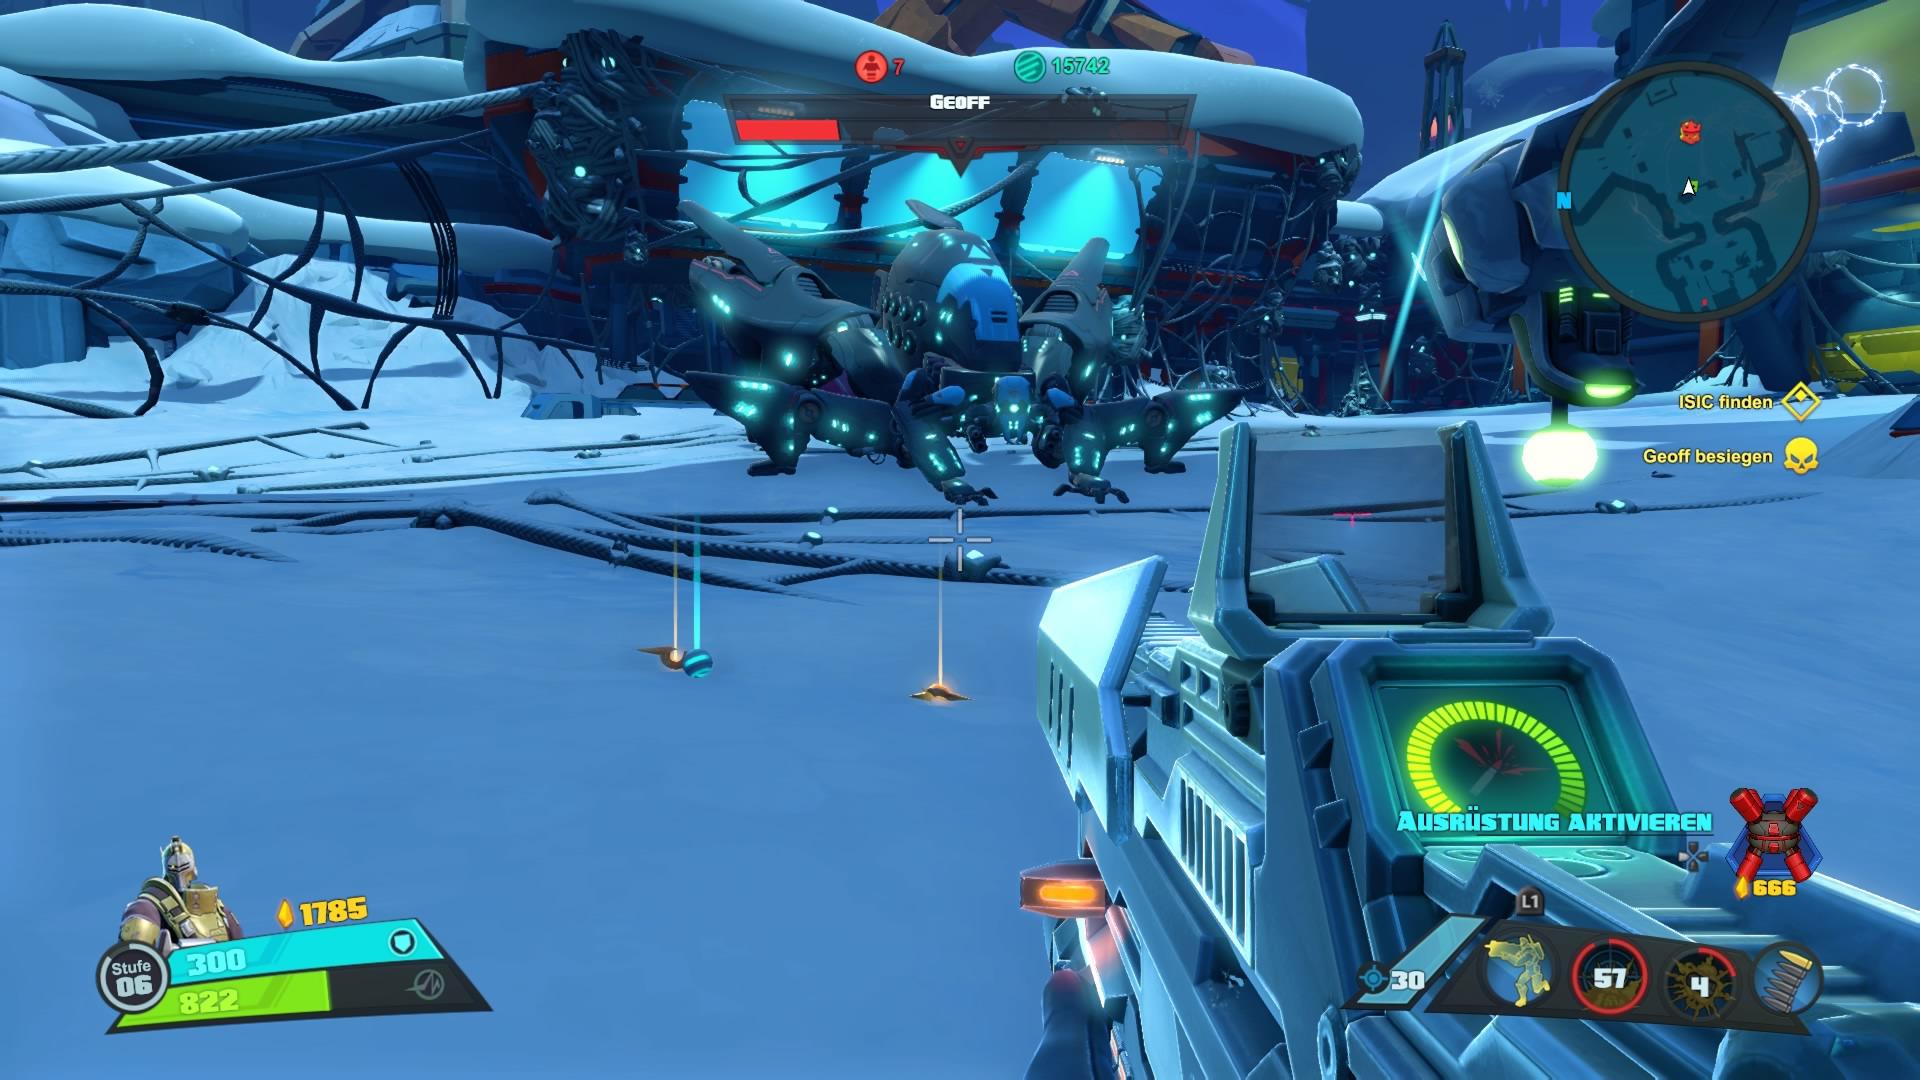 Optisch steht das Spiel Borderlands im Nichts nachh.